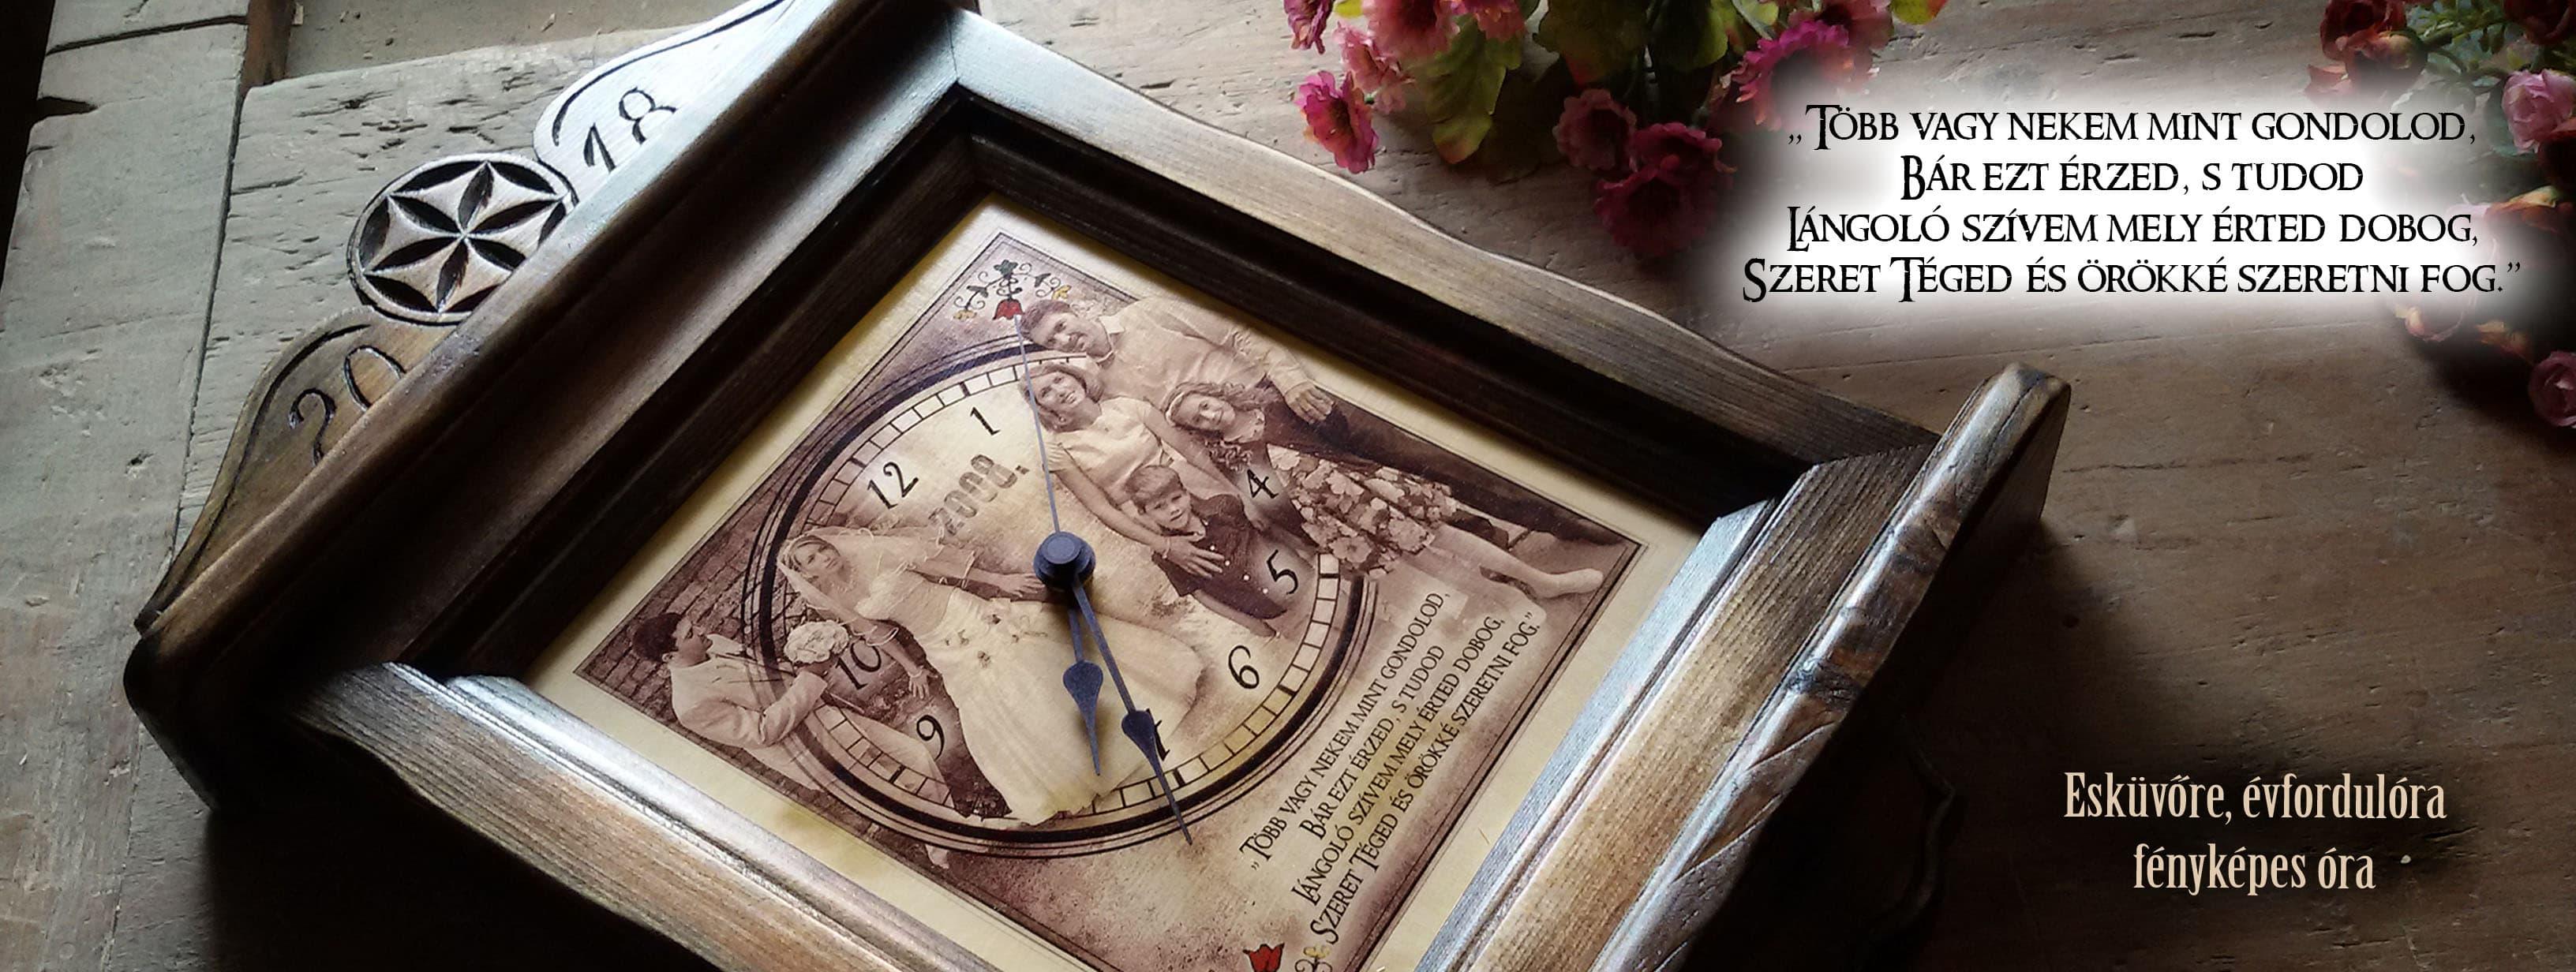 Egyedi fényképes óra